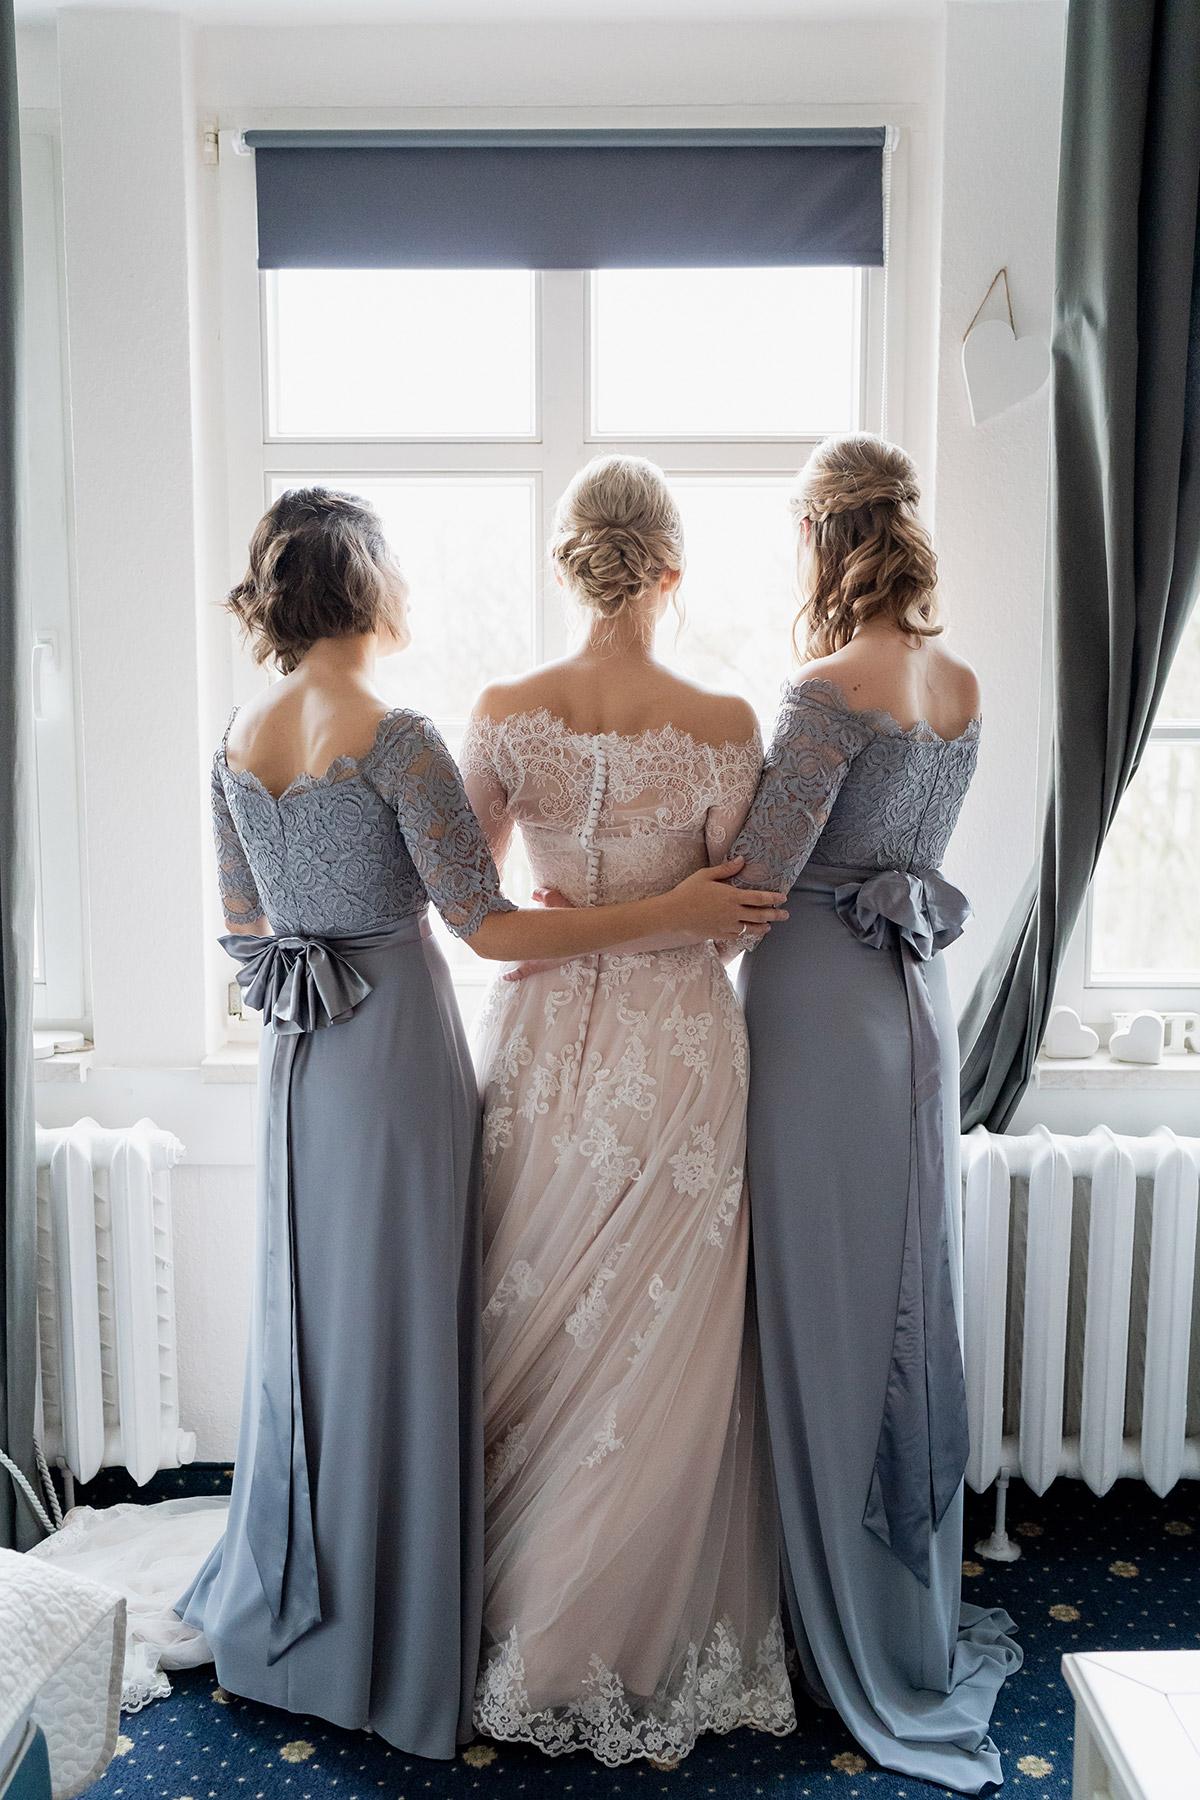 Idee Gruppenfoto Hochzeit im Winter blaues Outfit Bridesmaids- Winterhochzeit Hochzeitsfotograf Brandenburg © www.hochzeitslicht.de